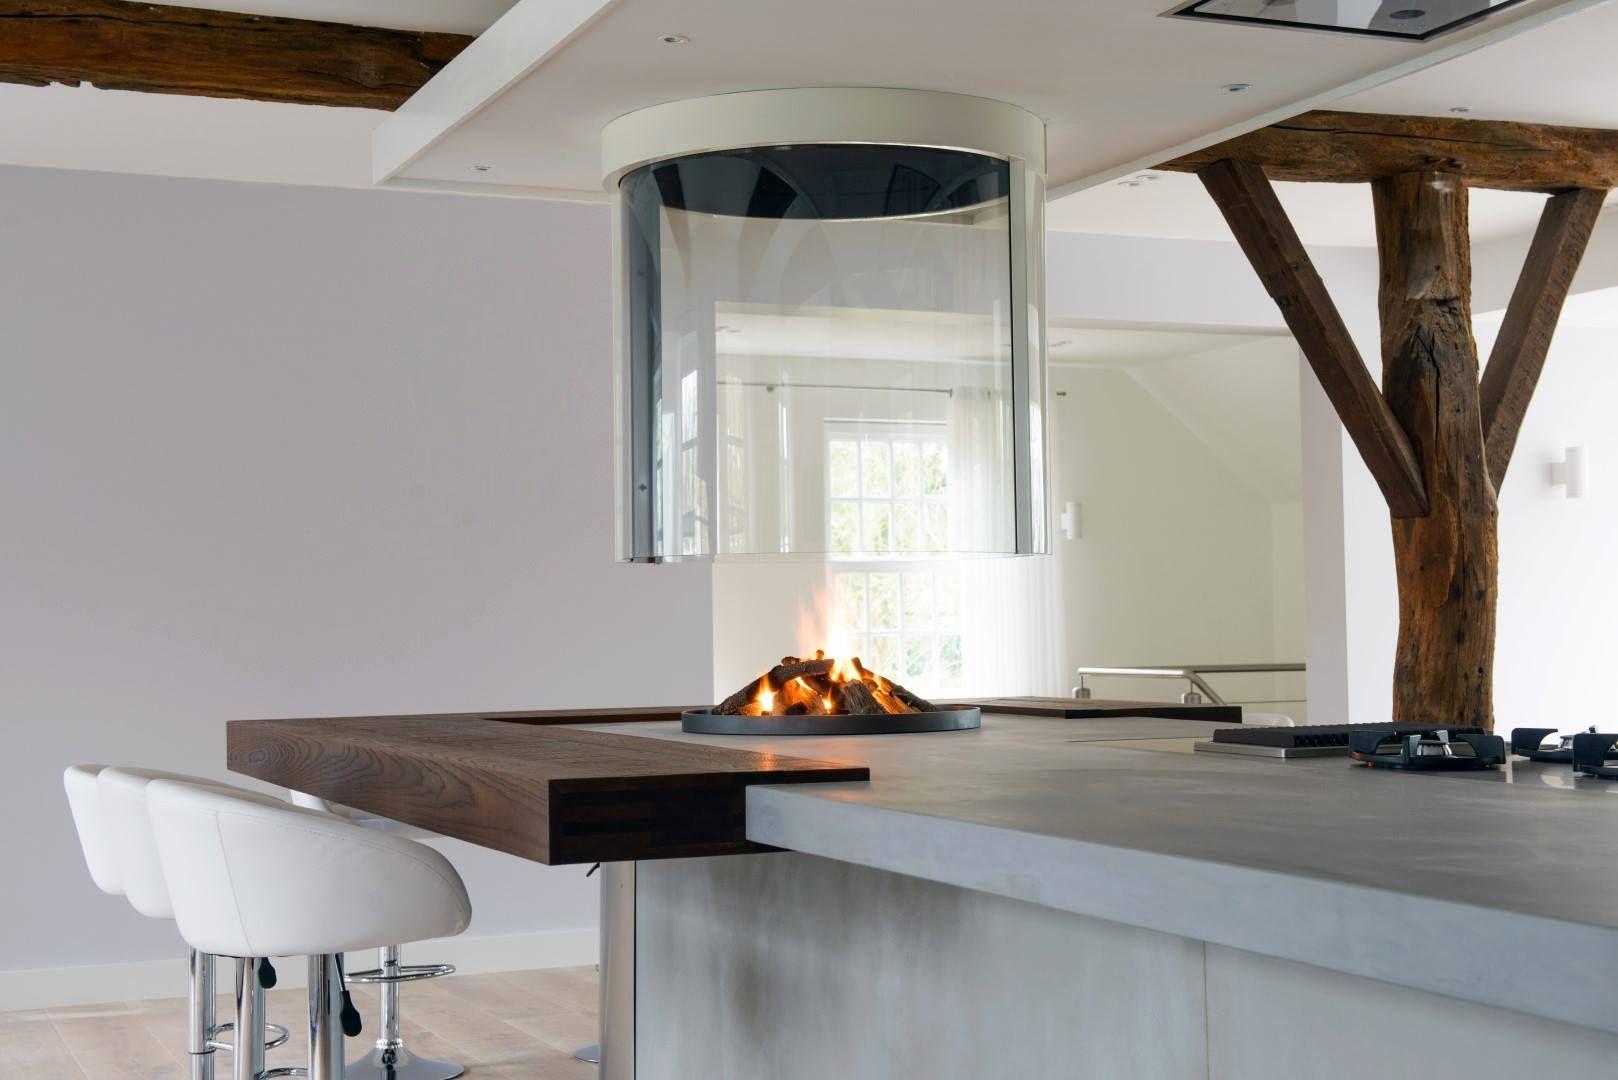 Keuken met betonnen werkblad en vrijhangende boley glashaard 186